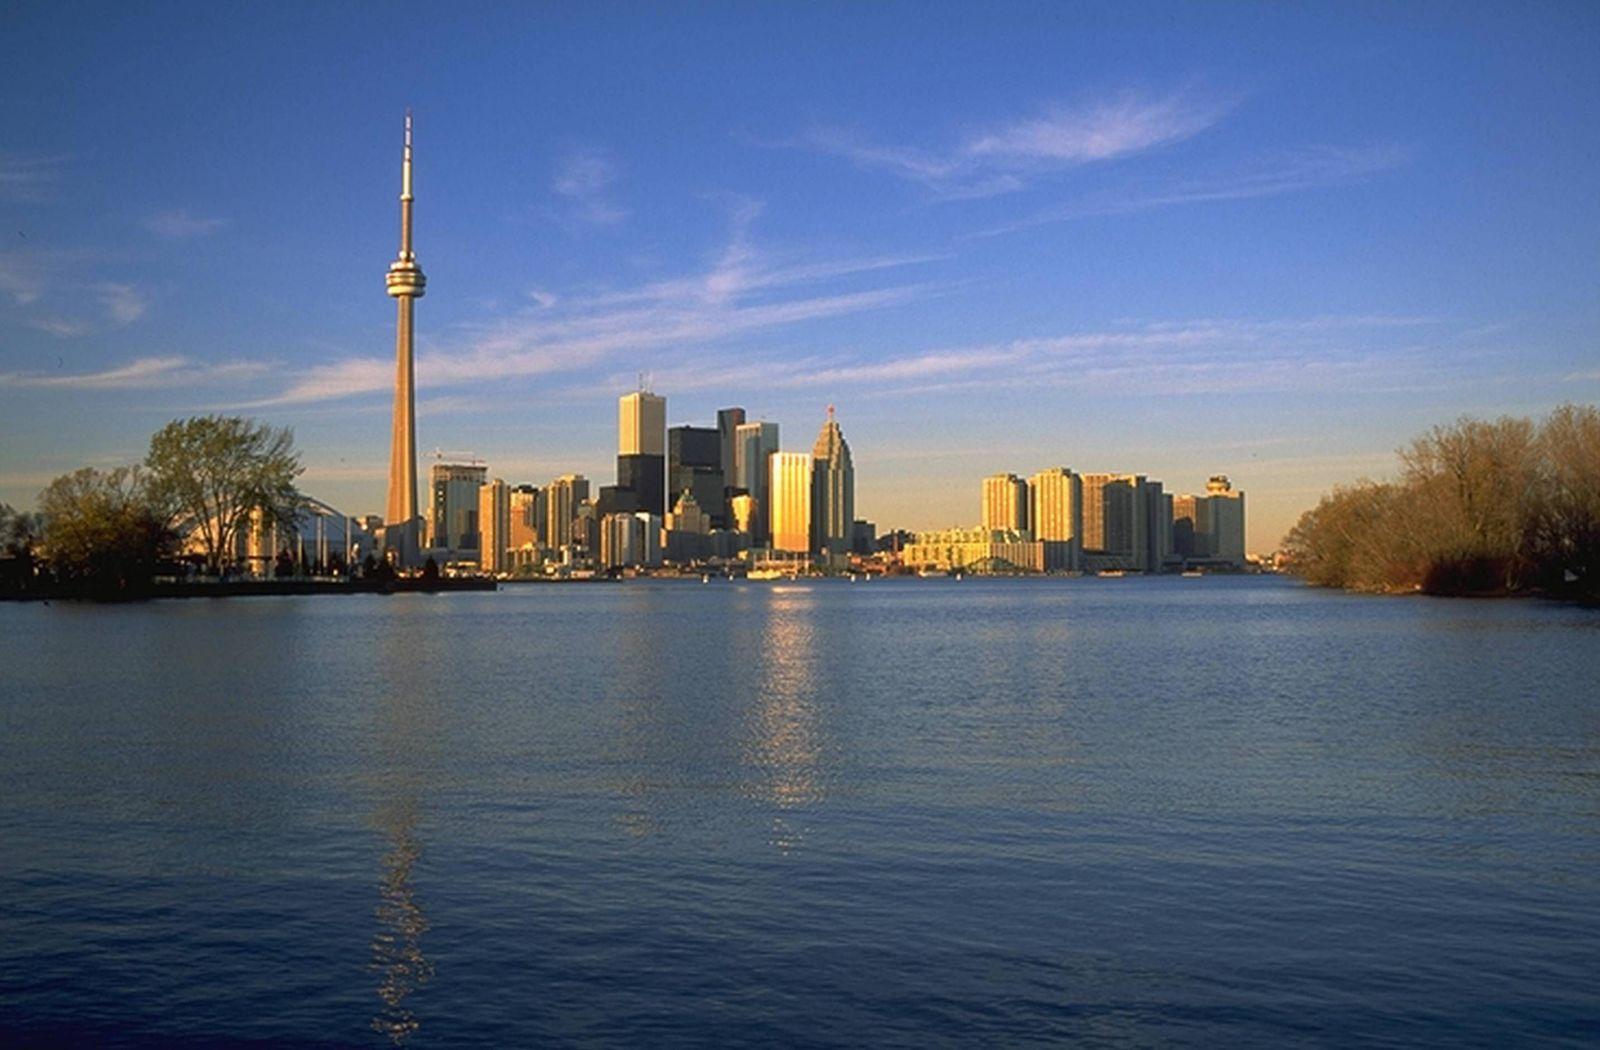 NICHT VERWENDEN Toronto